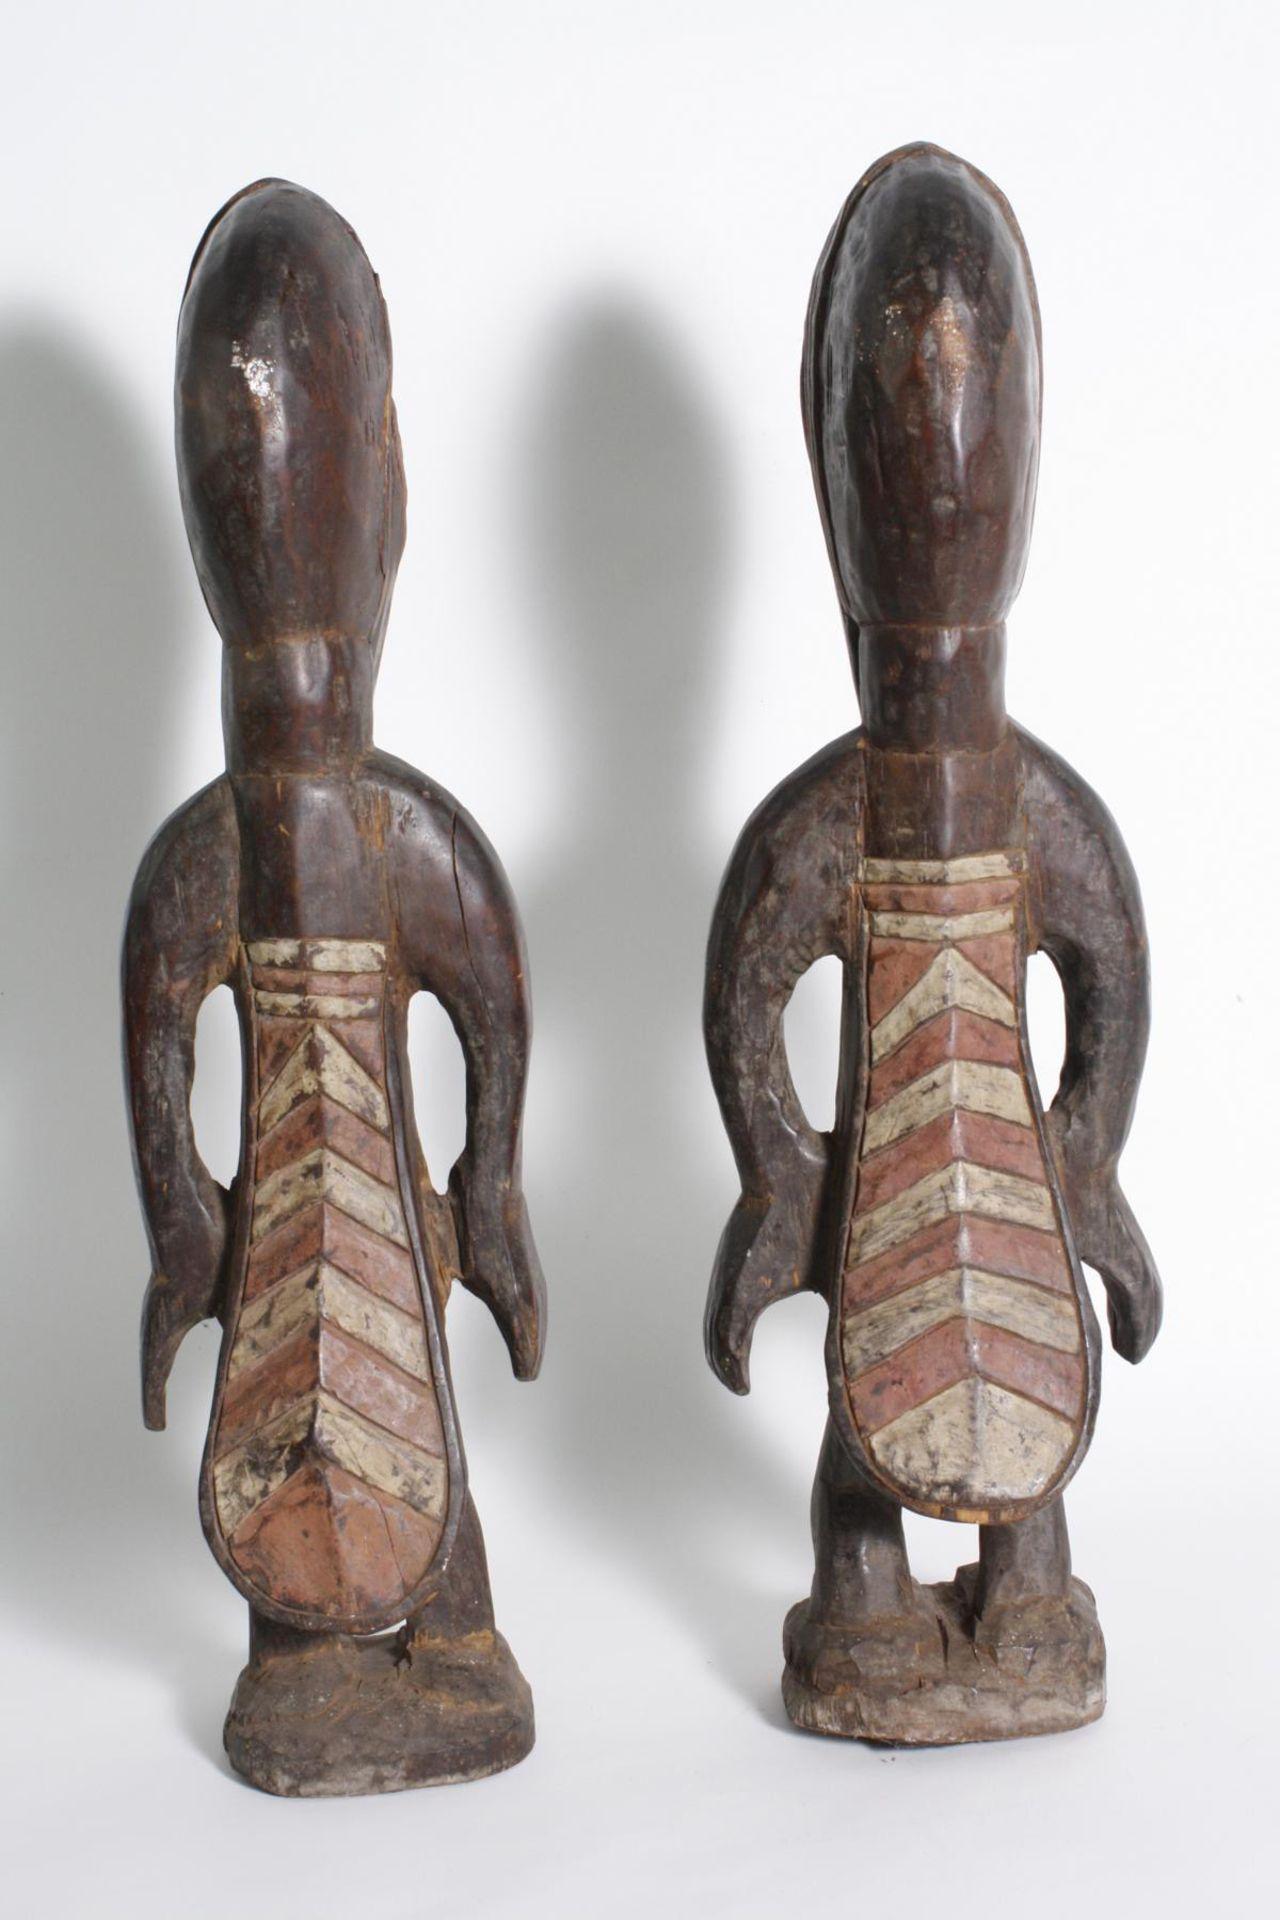 Figurenpaar, Calao , Senufo, Elfenbeinküste, 1. Hälfte 20. Jh. - Bild 3 aus 5